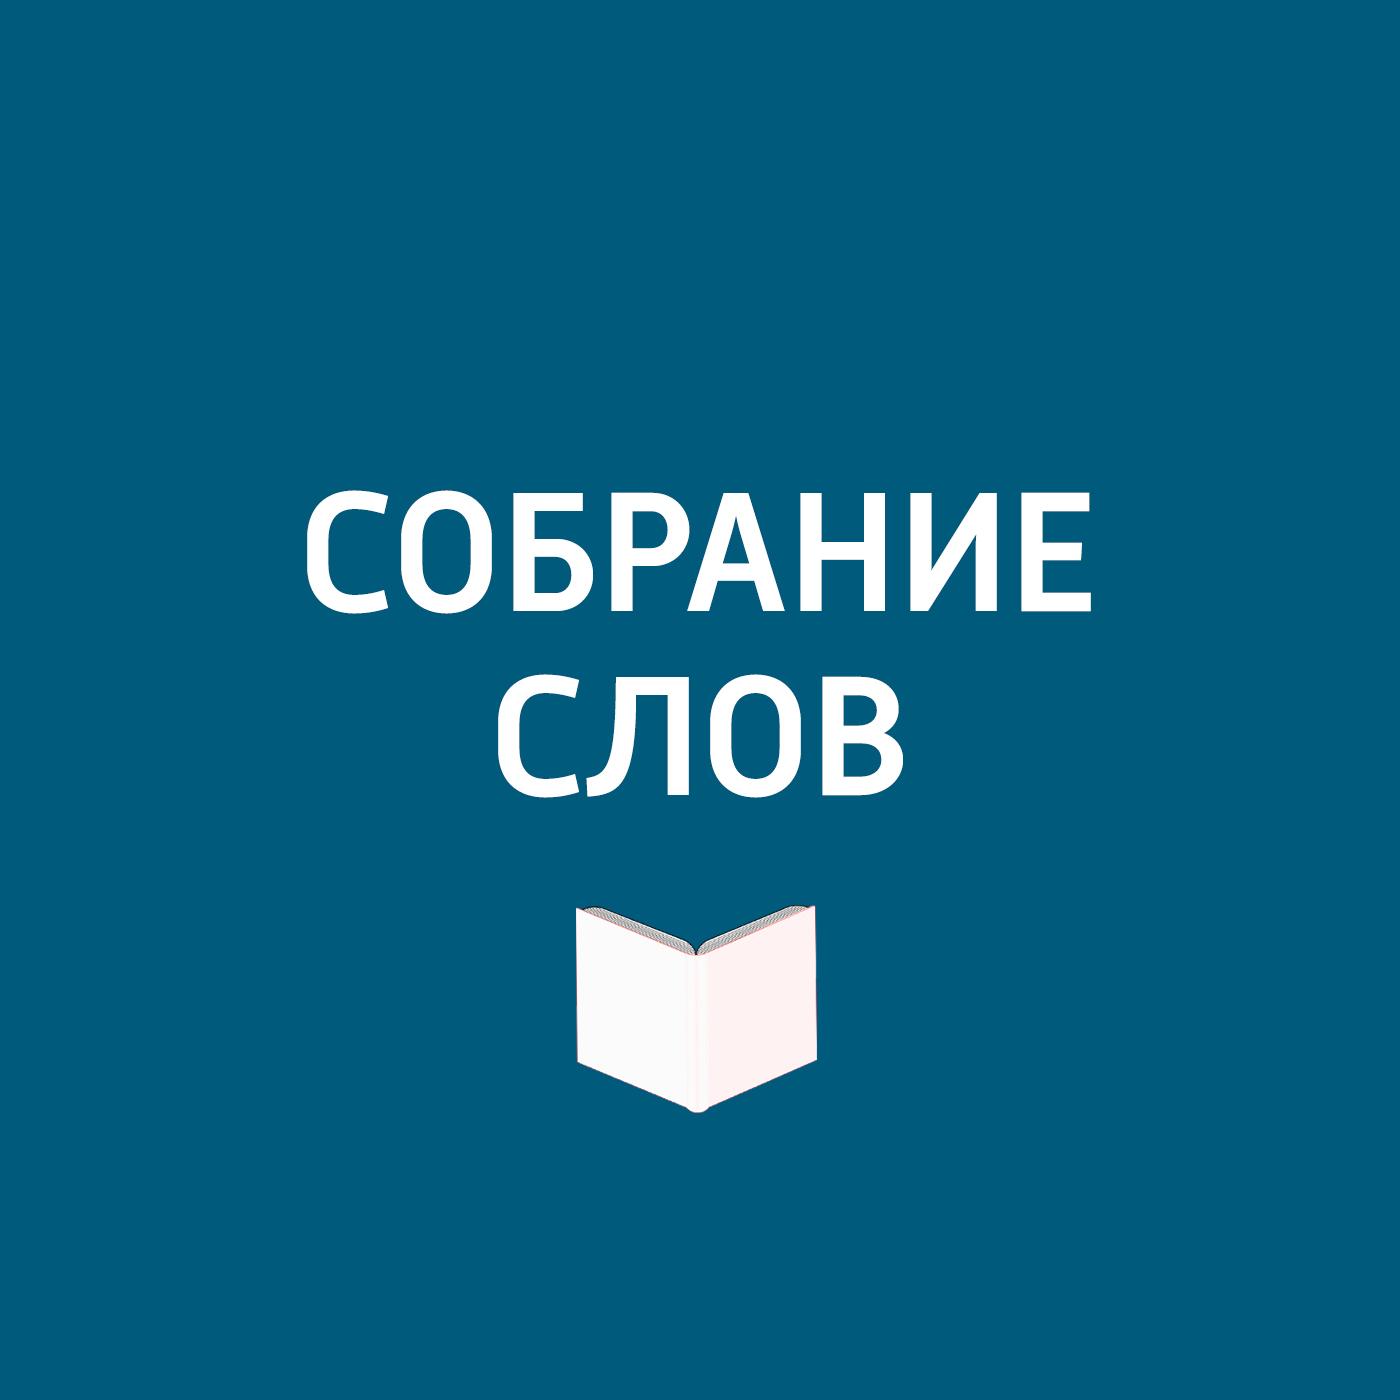 Творческий коллектив программы «Собрание слов» Большое интервью Игоря Григорьева